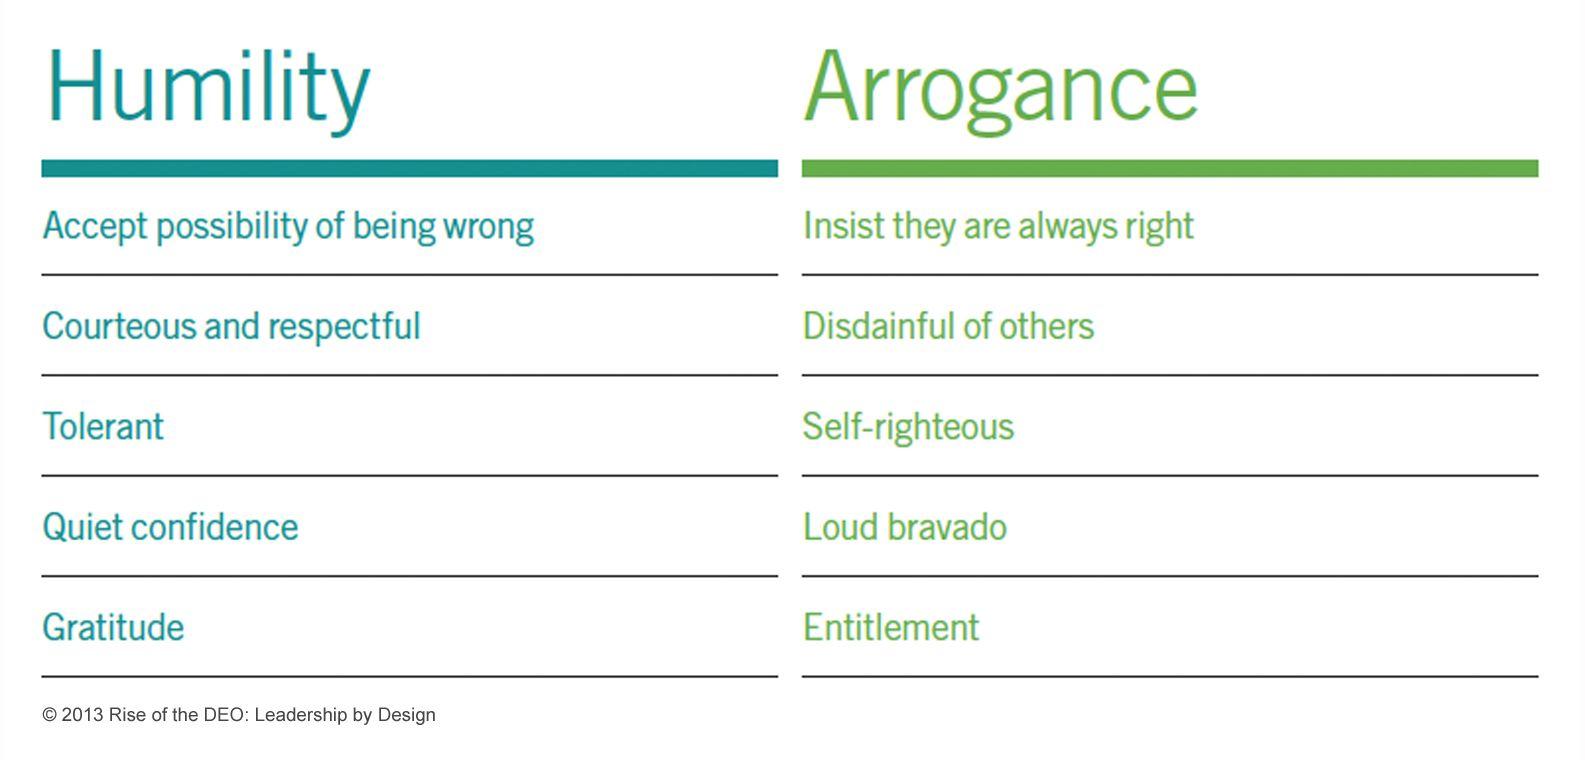 Humility - Arrogance